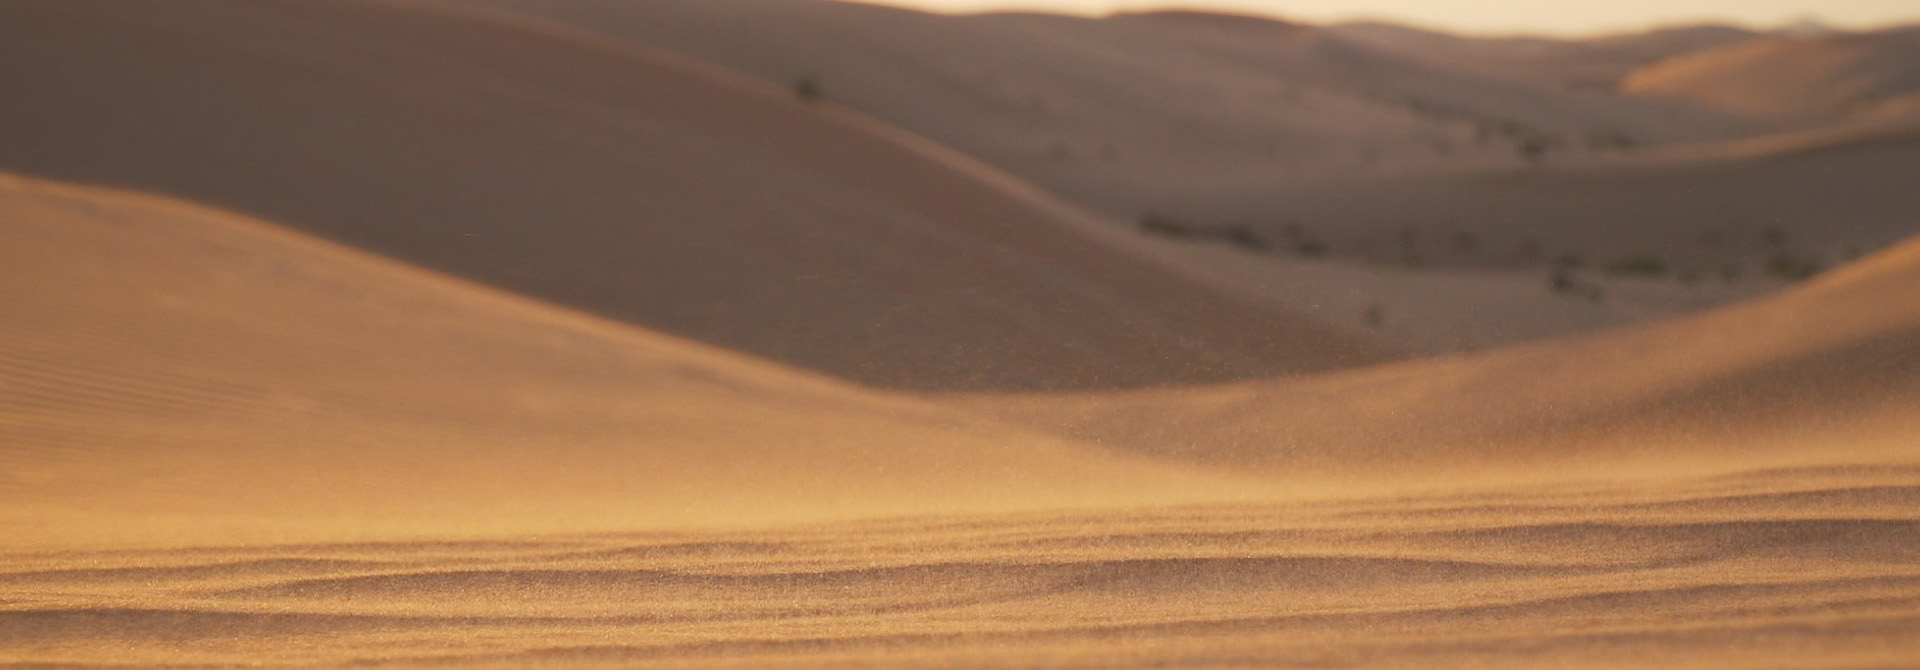 Exploring the United Arab Emirates